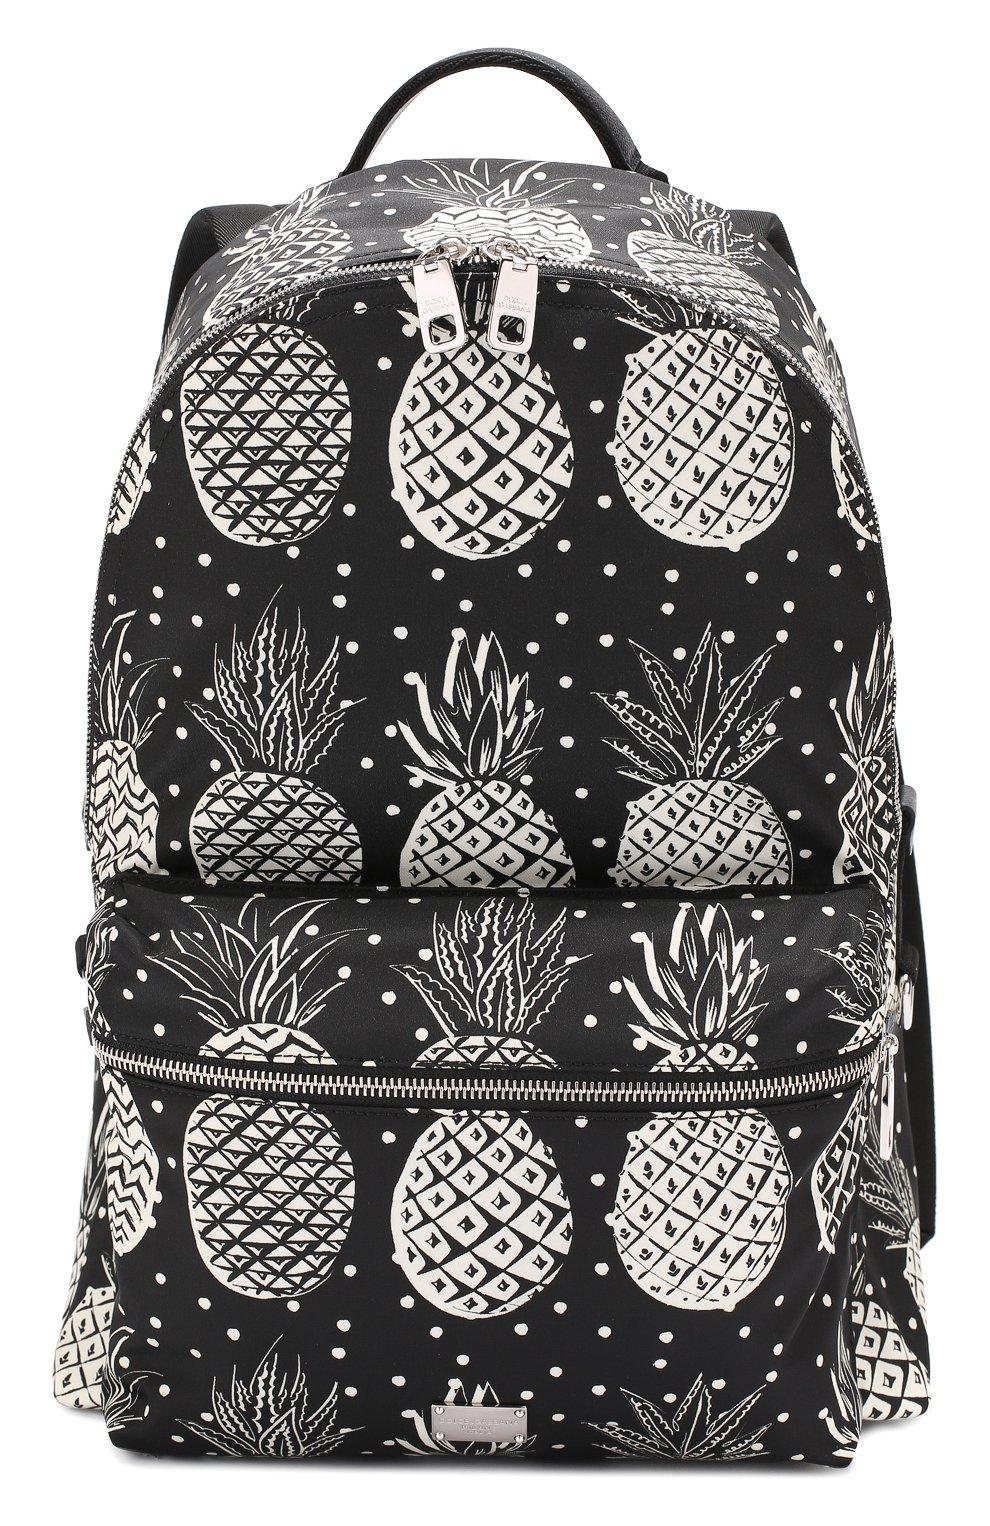 Текстильный рюкзак Vulcano с принтом и отделкой из натуральной кожи | Фото №1